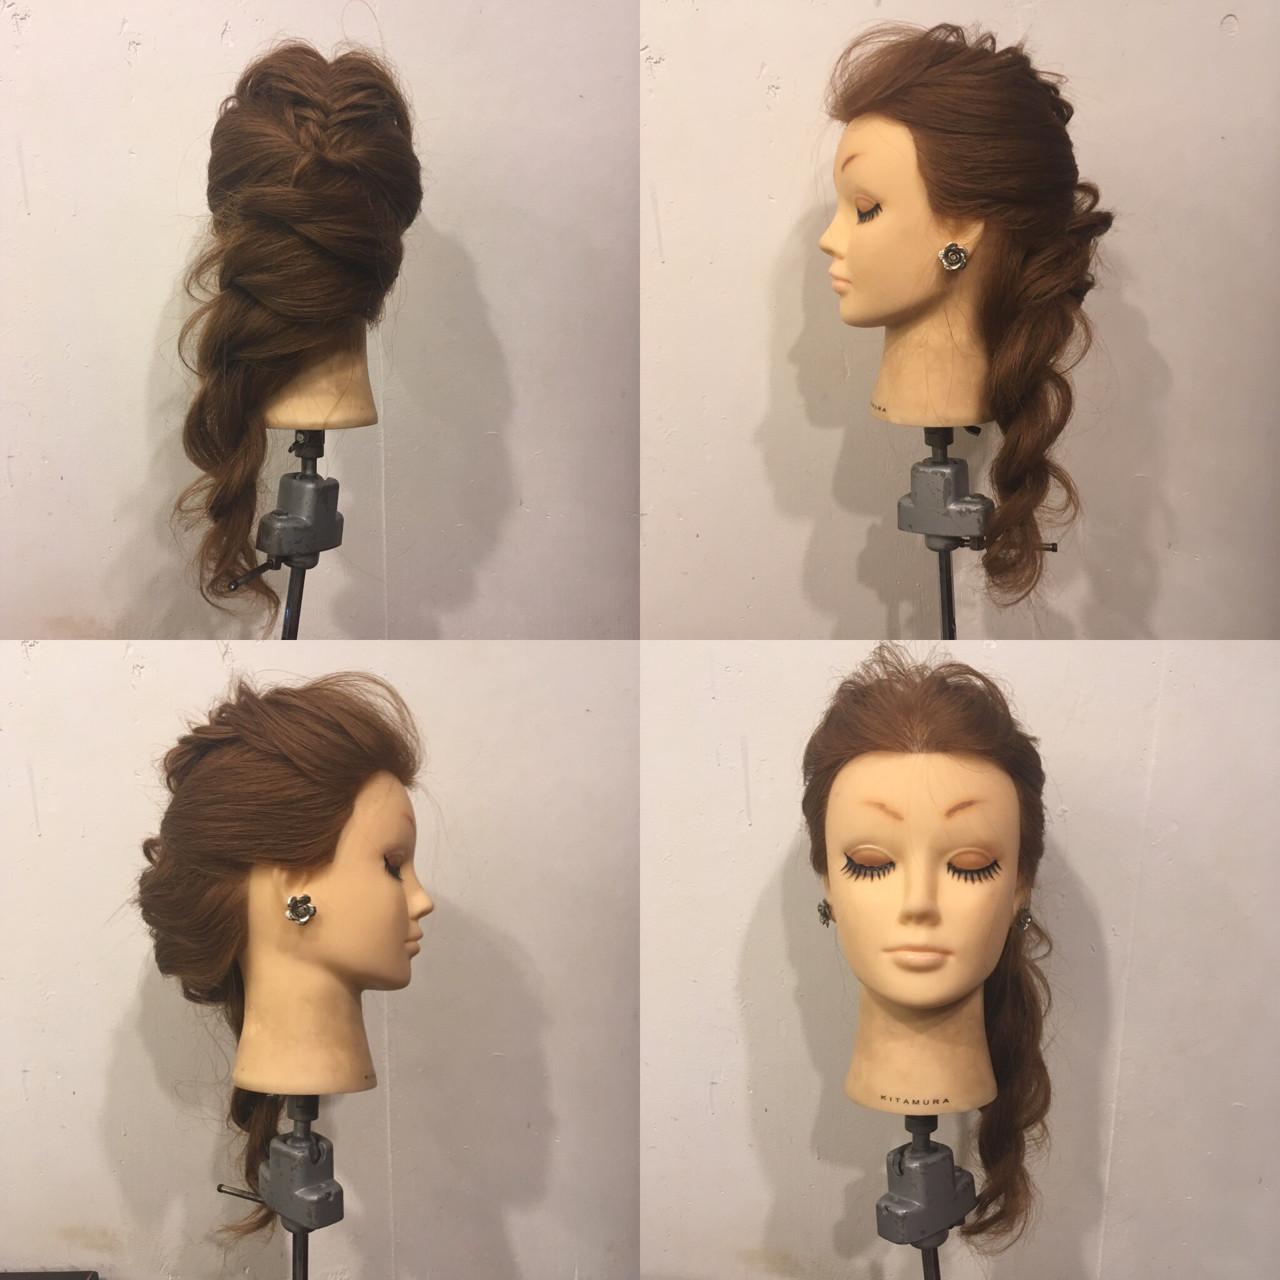 セミロング ロープ編み 編み込み フィッシュボーン ヘアスタイルや髪型の写真・画像